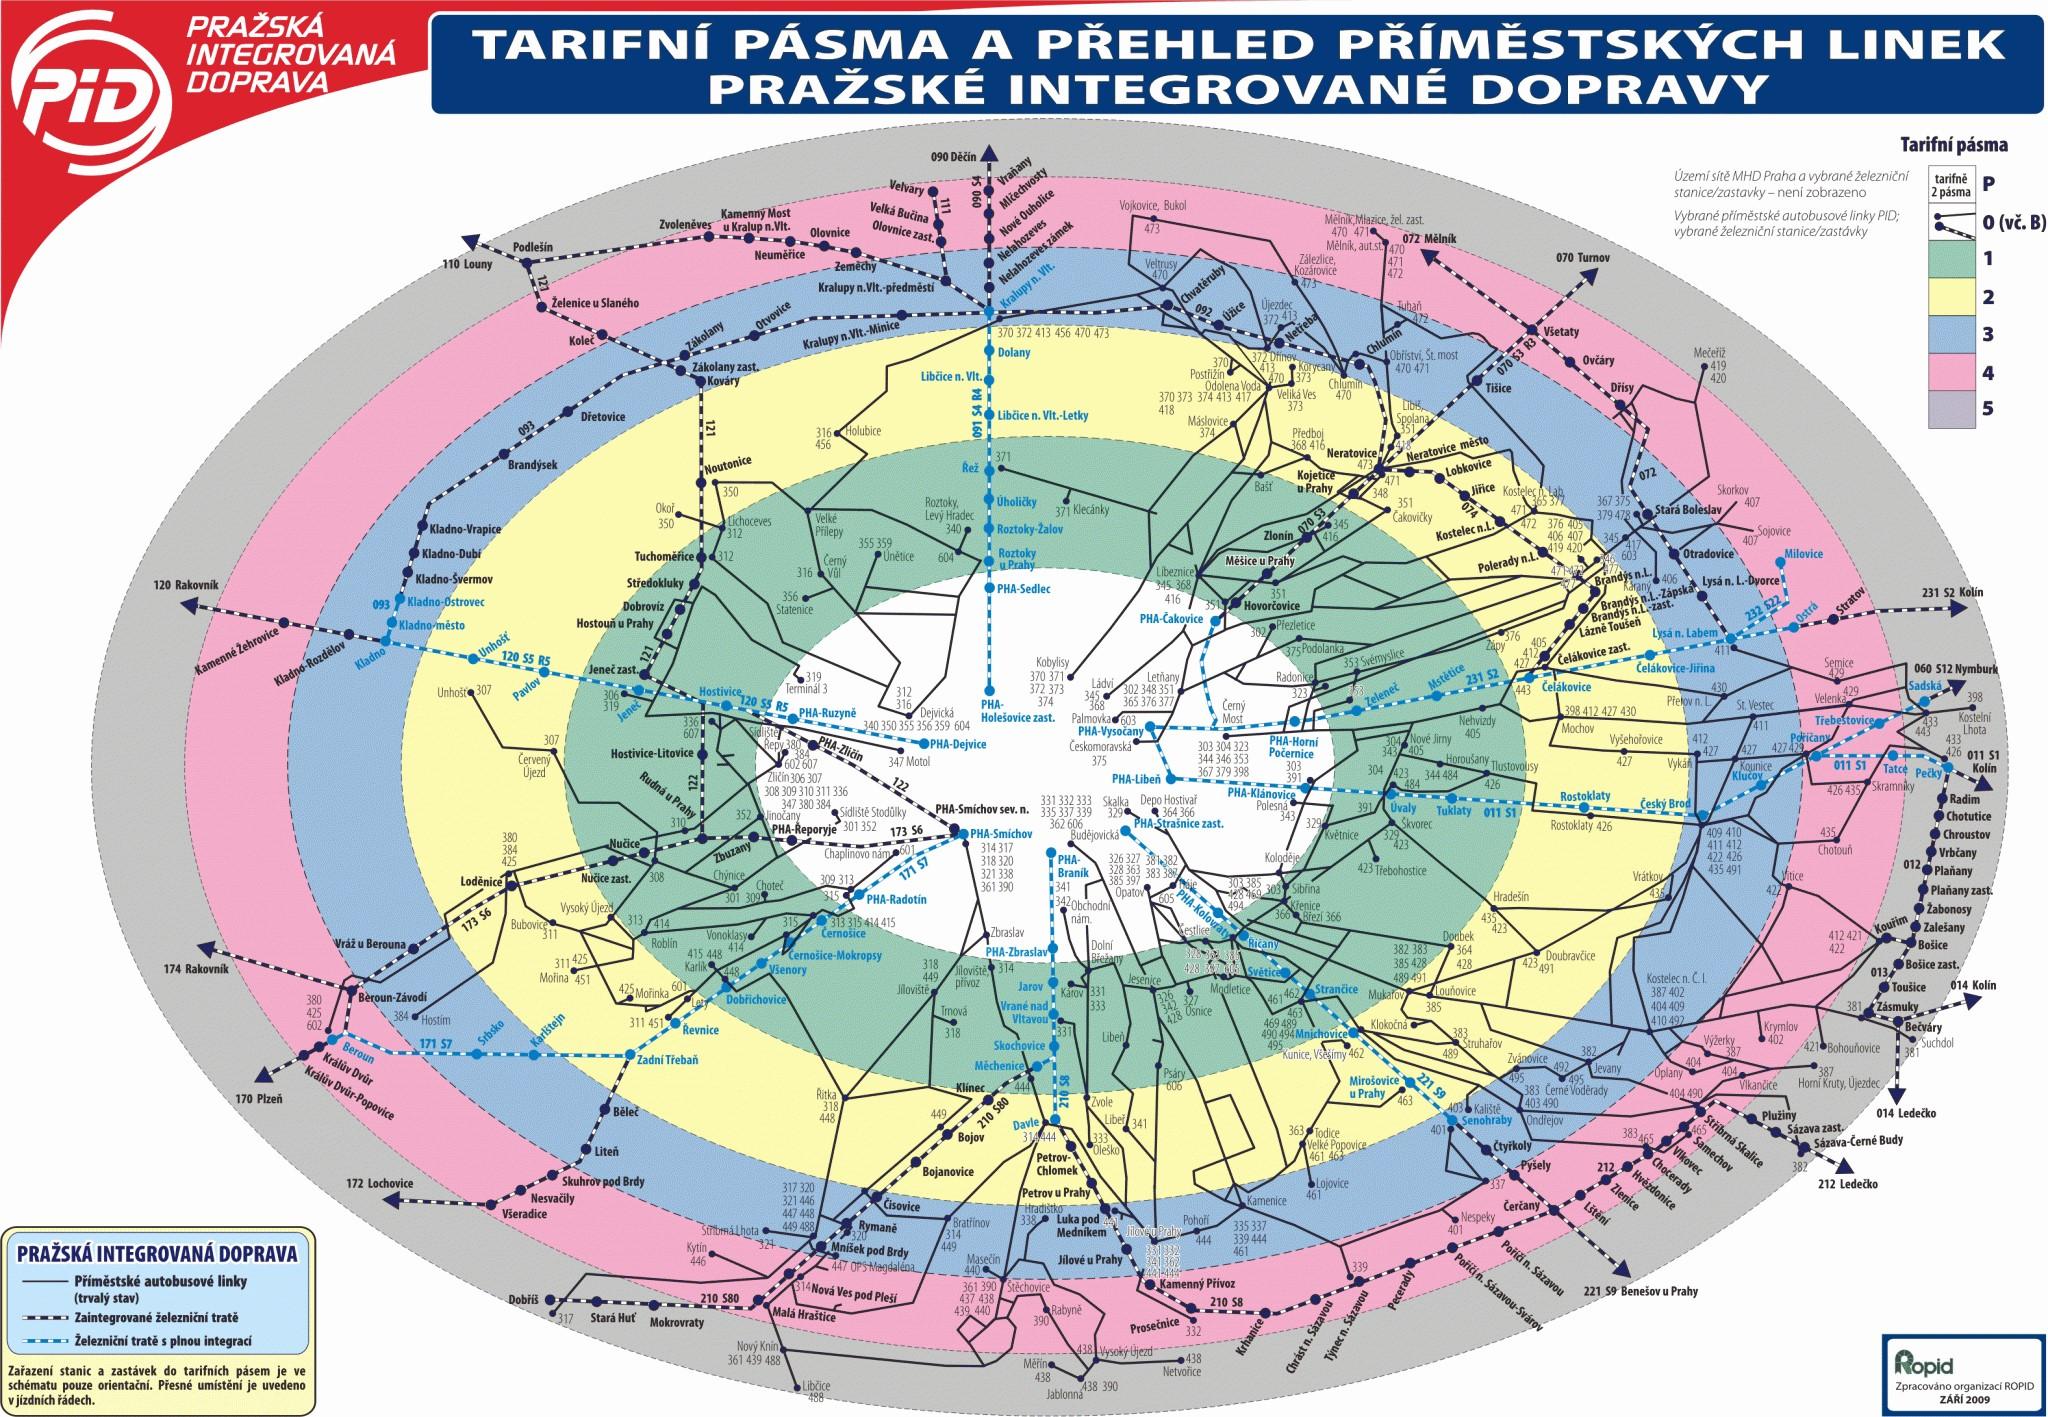 Tarifni Pasma Pid Praha 2020 Mapa Dopravni Pasma